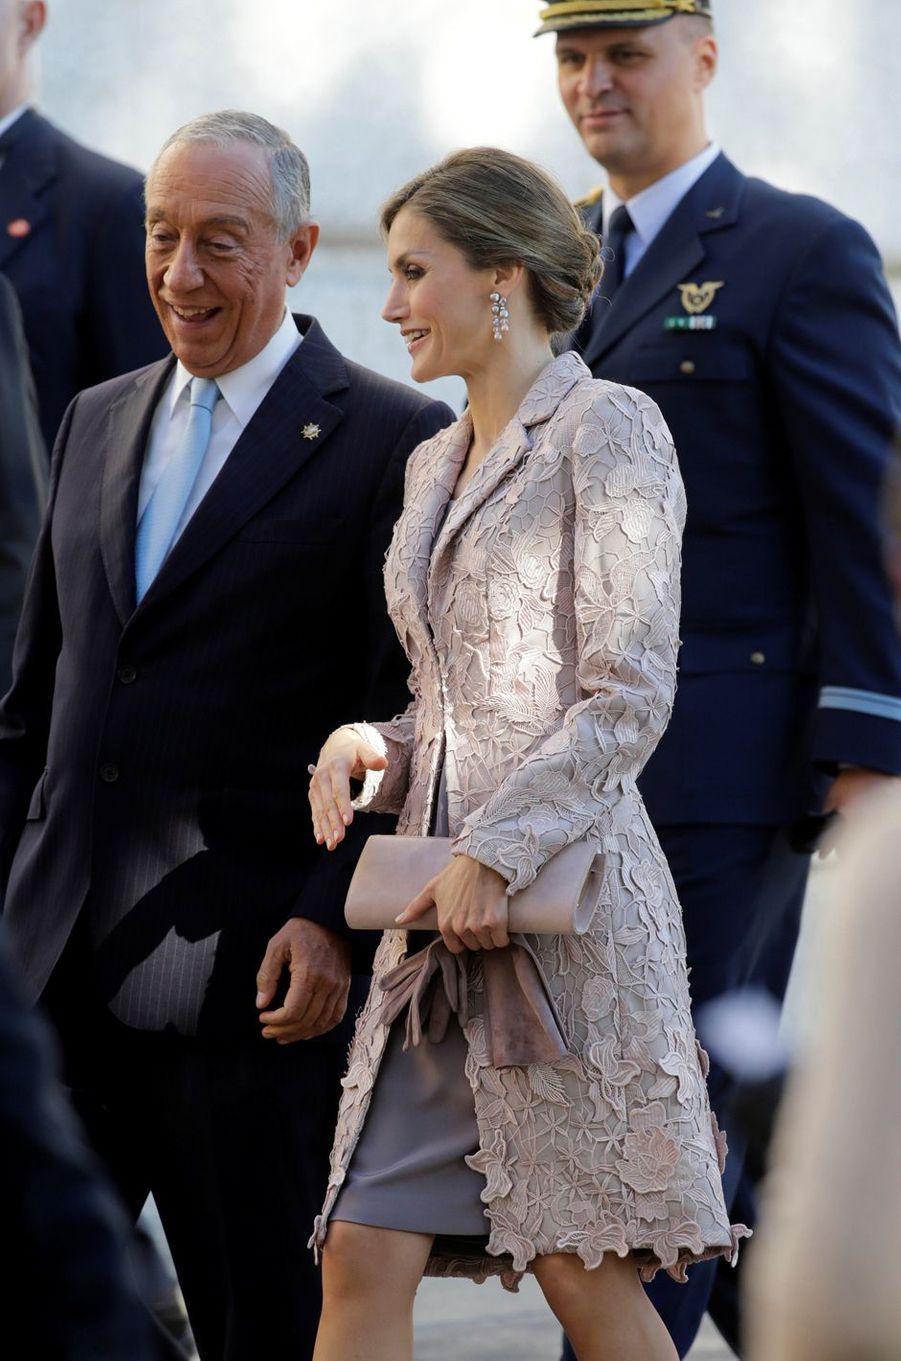 La reine Letizia d'Espagne avec le président portugais Marcelo Rebelo de Sousa à Porto, le 28 novembre 2016